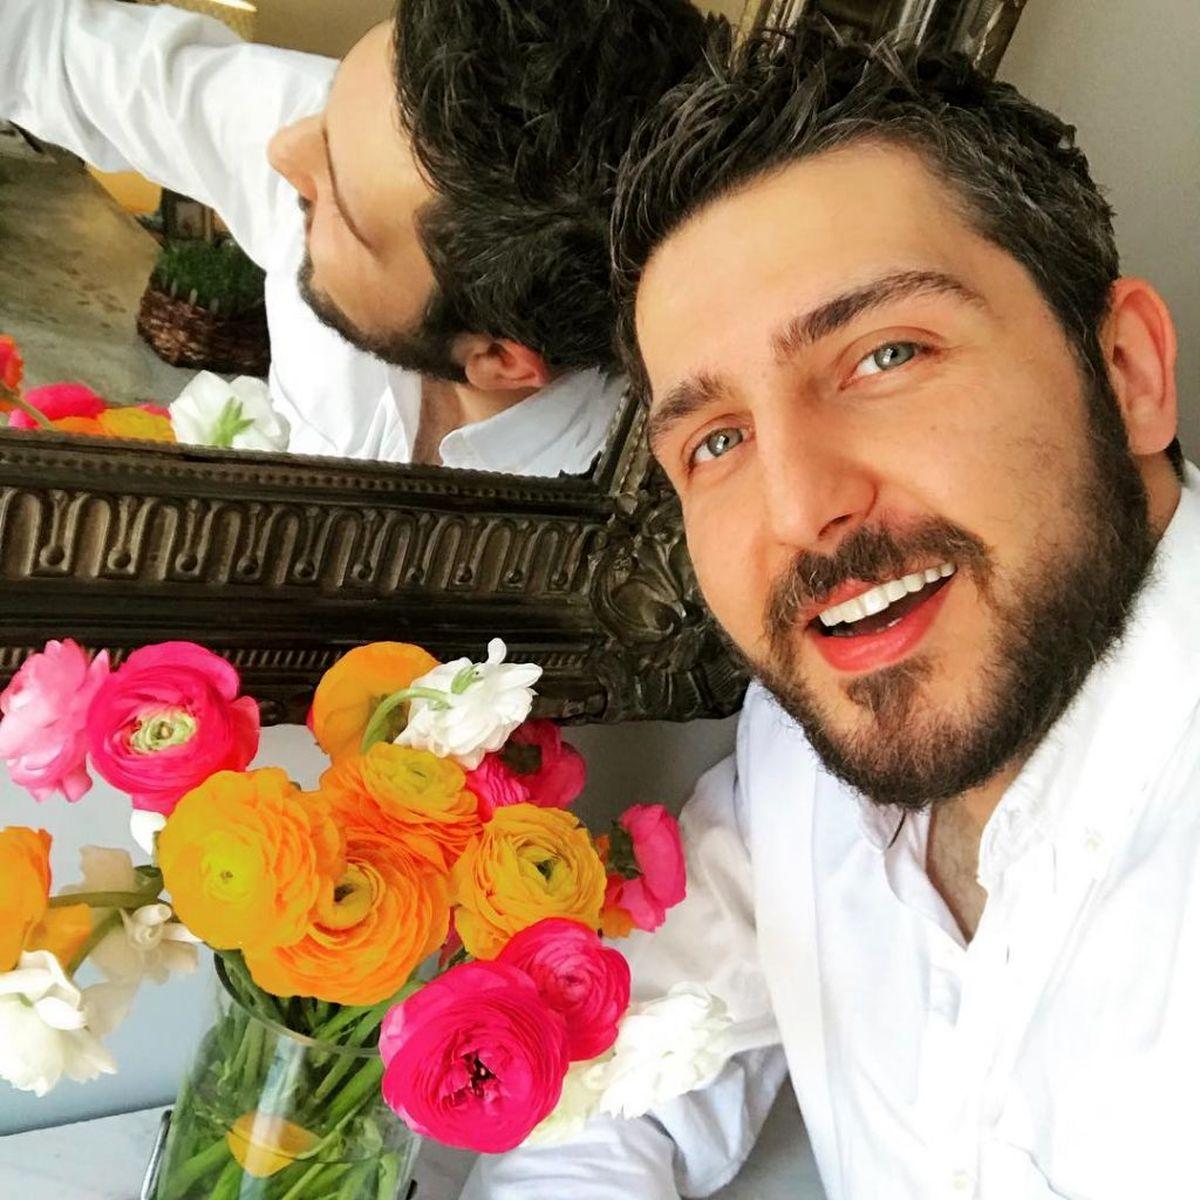 عکس لورفته از محمدرضا غفاری و باران کوثری در پشت صحنه